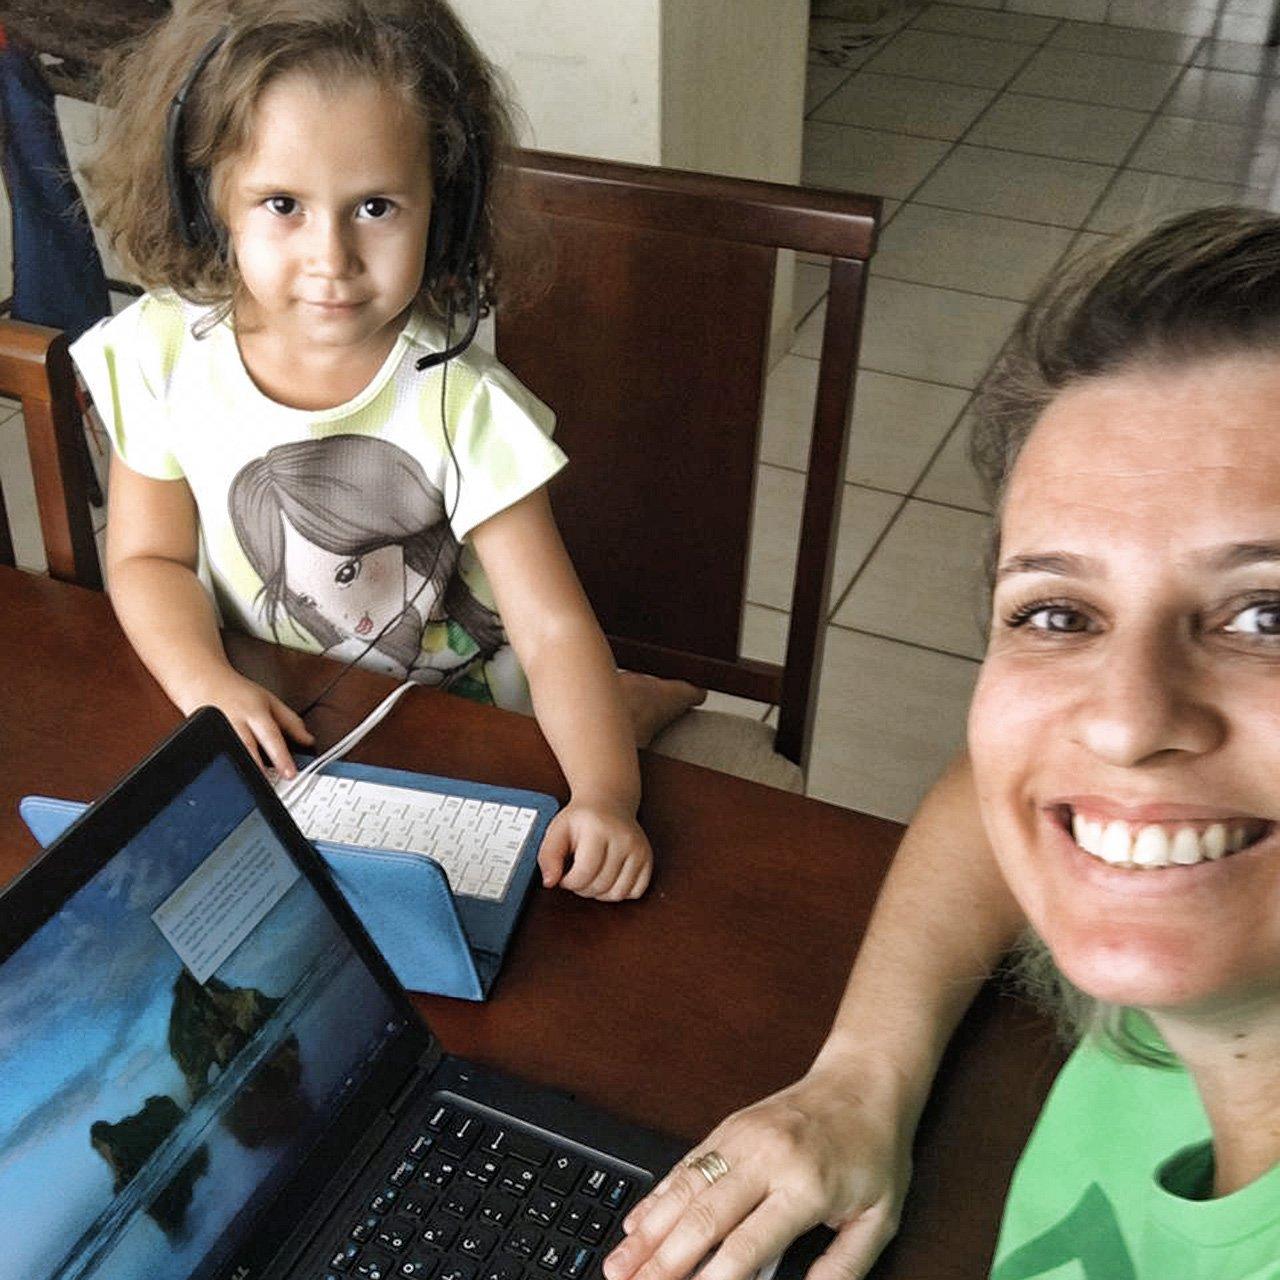 A Alice, de 4 anos, trabalhando do lado da mãe, Juliana Lima, que é analista de Trade Marketing da Royal Canin, da Mars